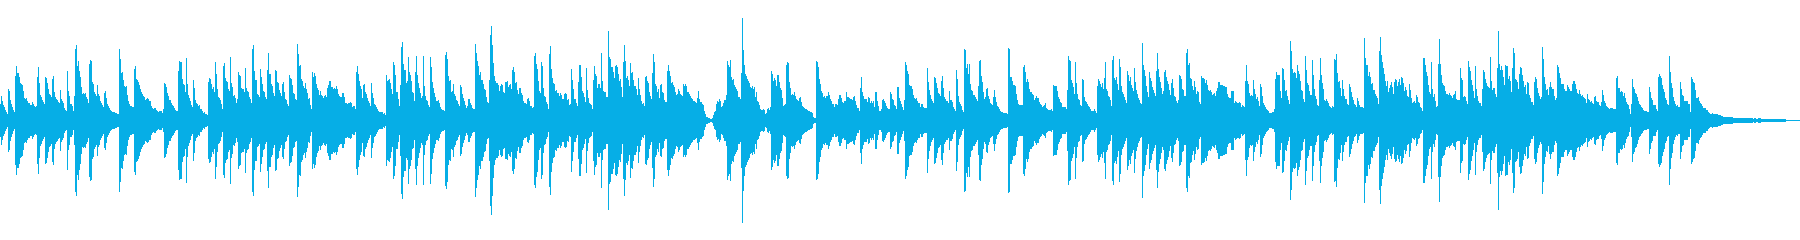 日本の童謡「赤とんぼ」感動と哀愁の琴の再生済みの波形